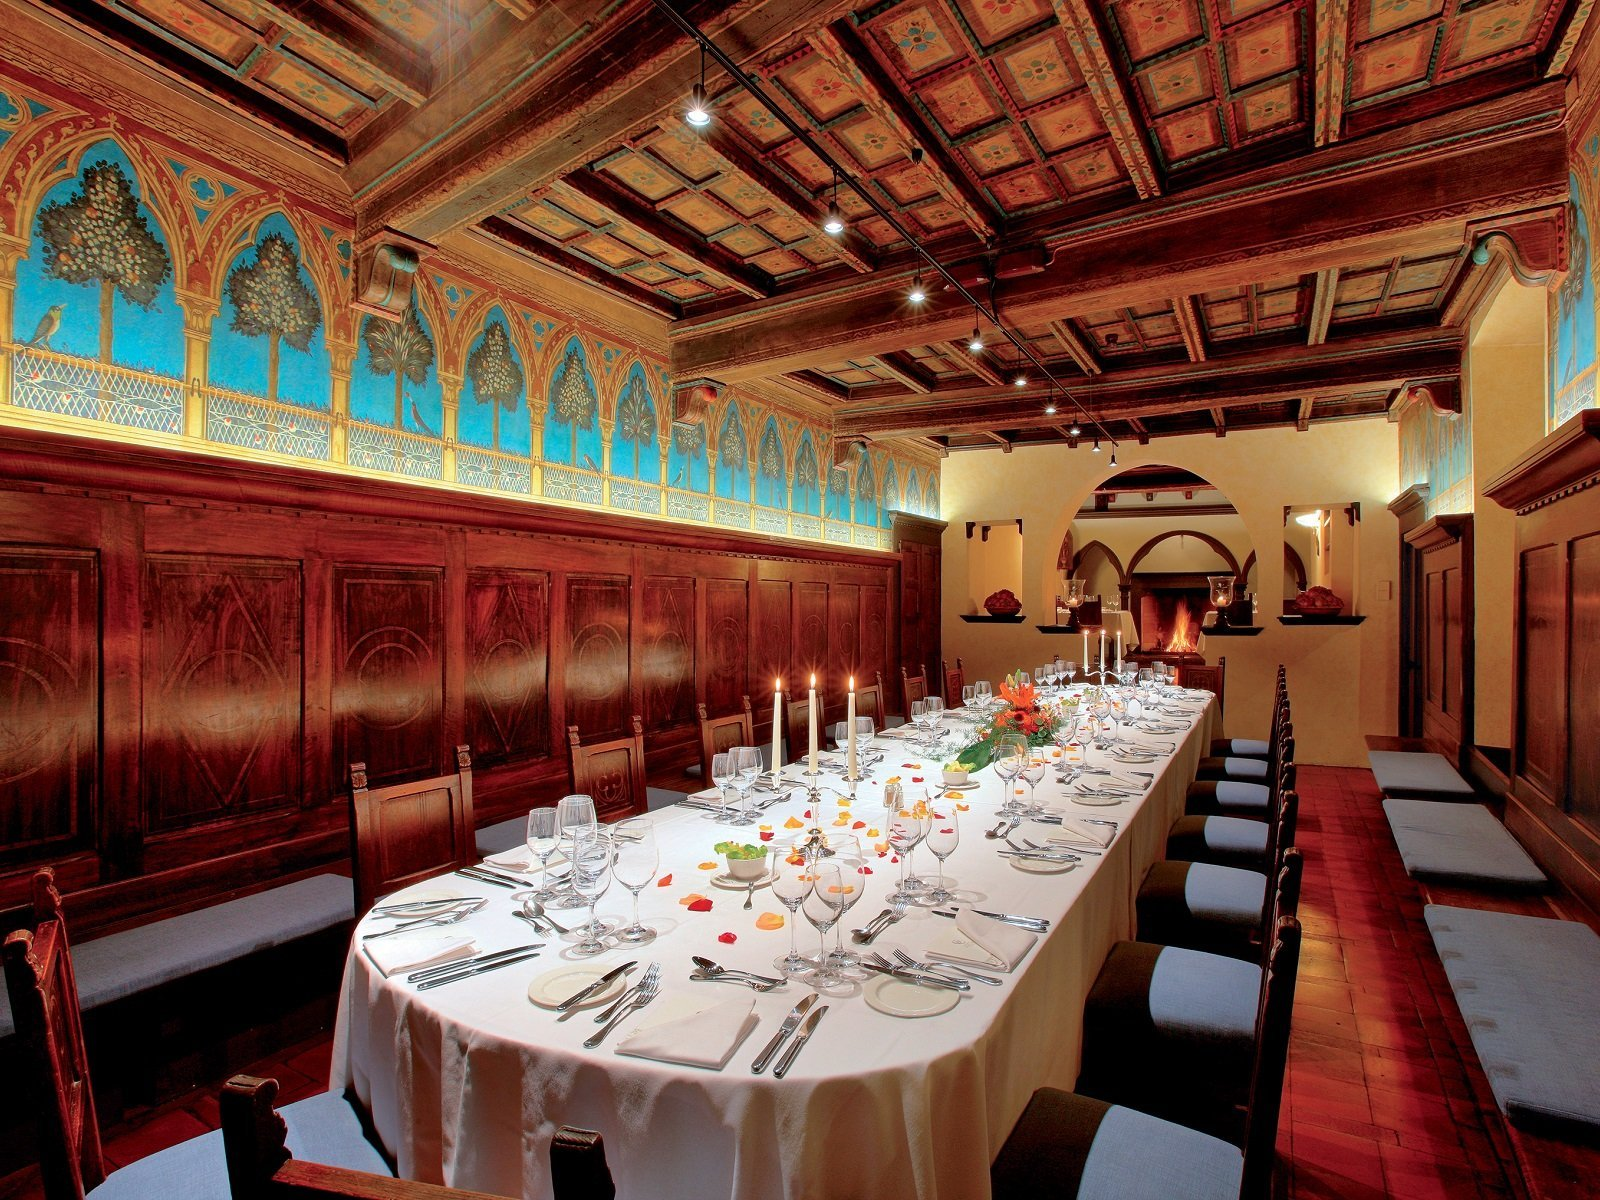 Il famoso Cenacolo Fiorentino, con la tavolata 10-25 ospiti